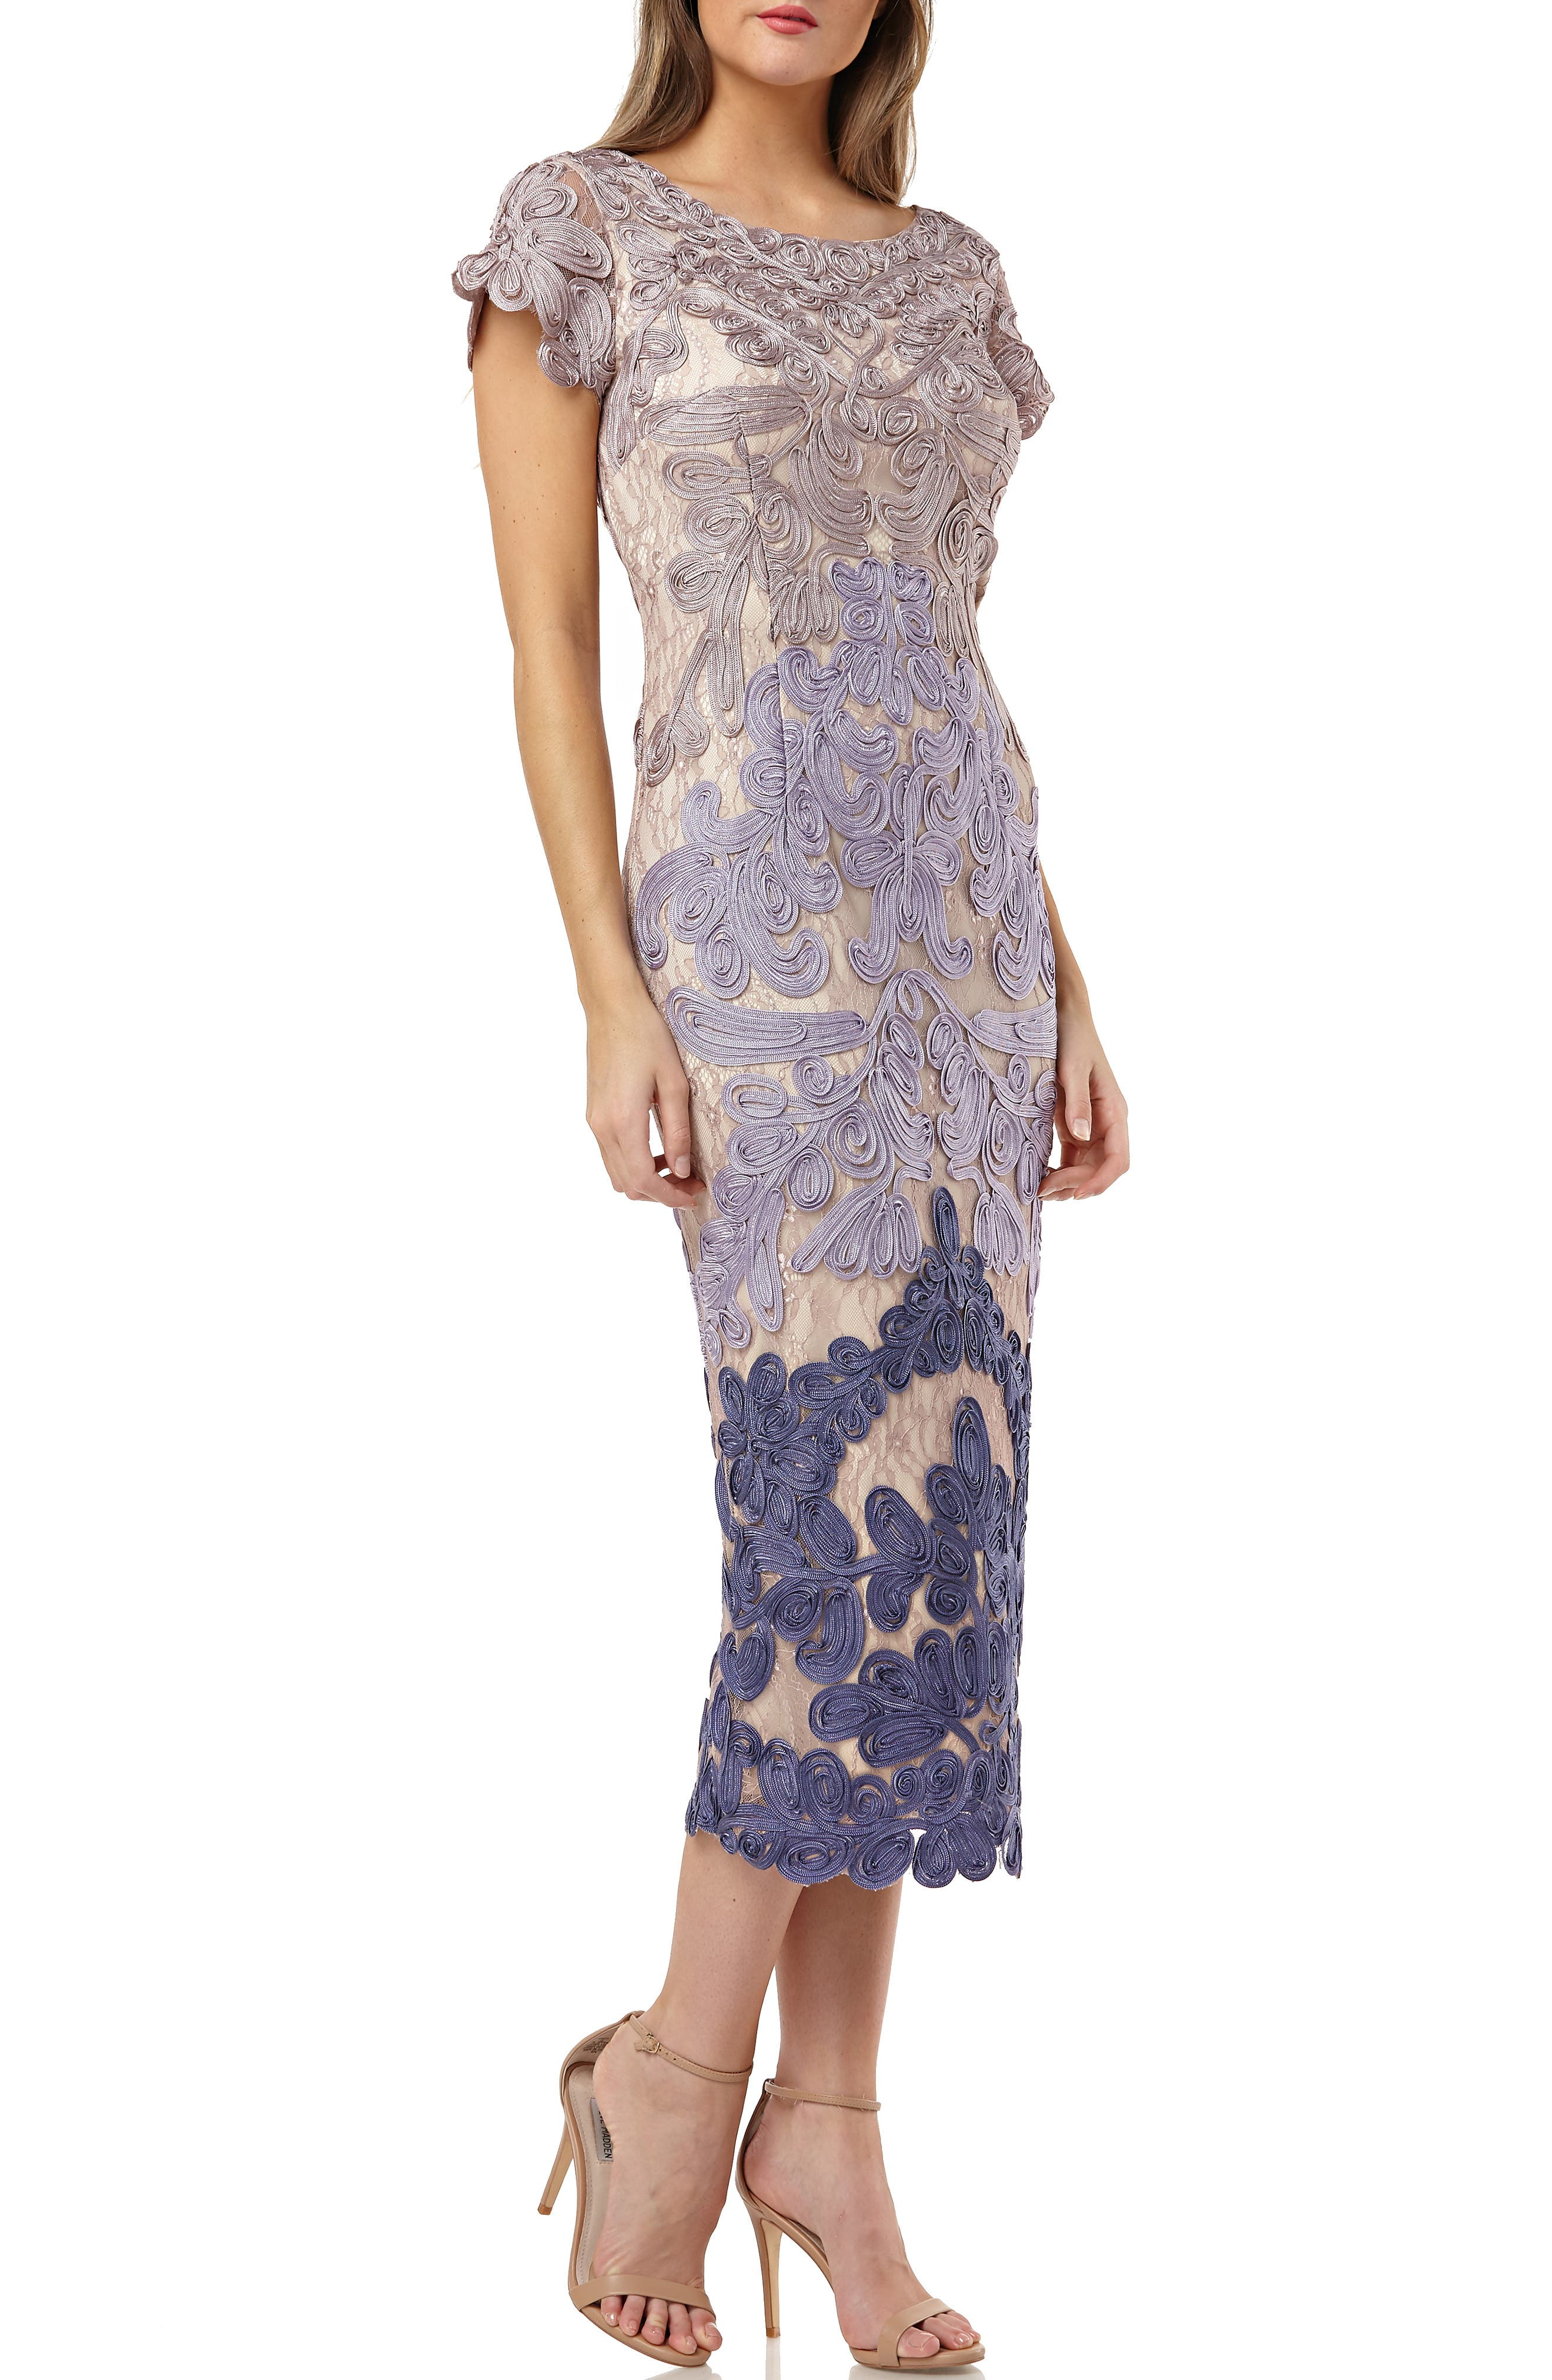 JS COLLECTIONS Soutache Lace Midi Dress, Main, color, TAUPE/ PLUM